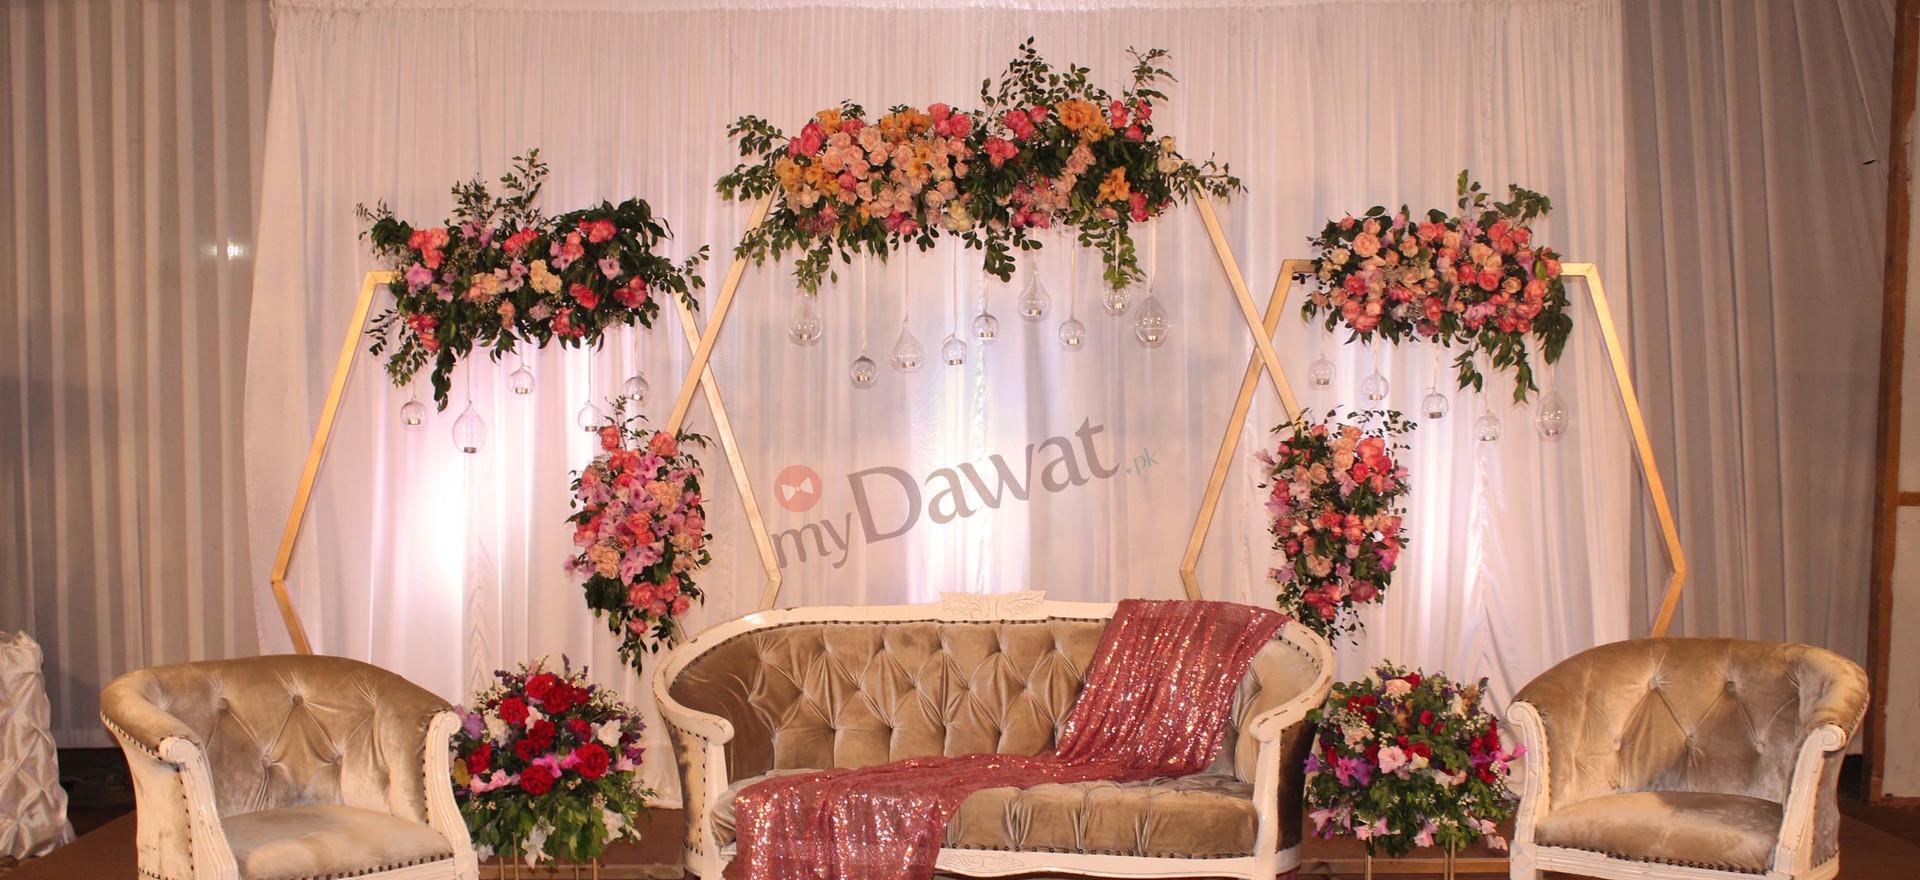 Floral-design-8.jpg